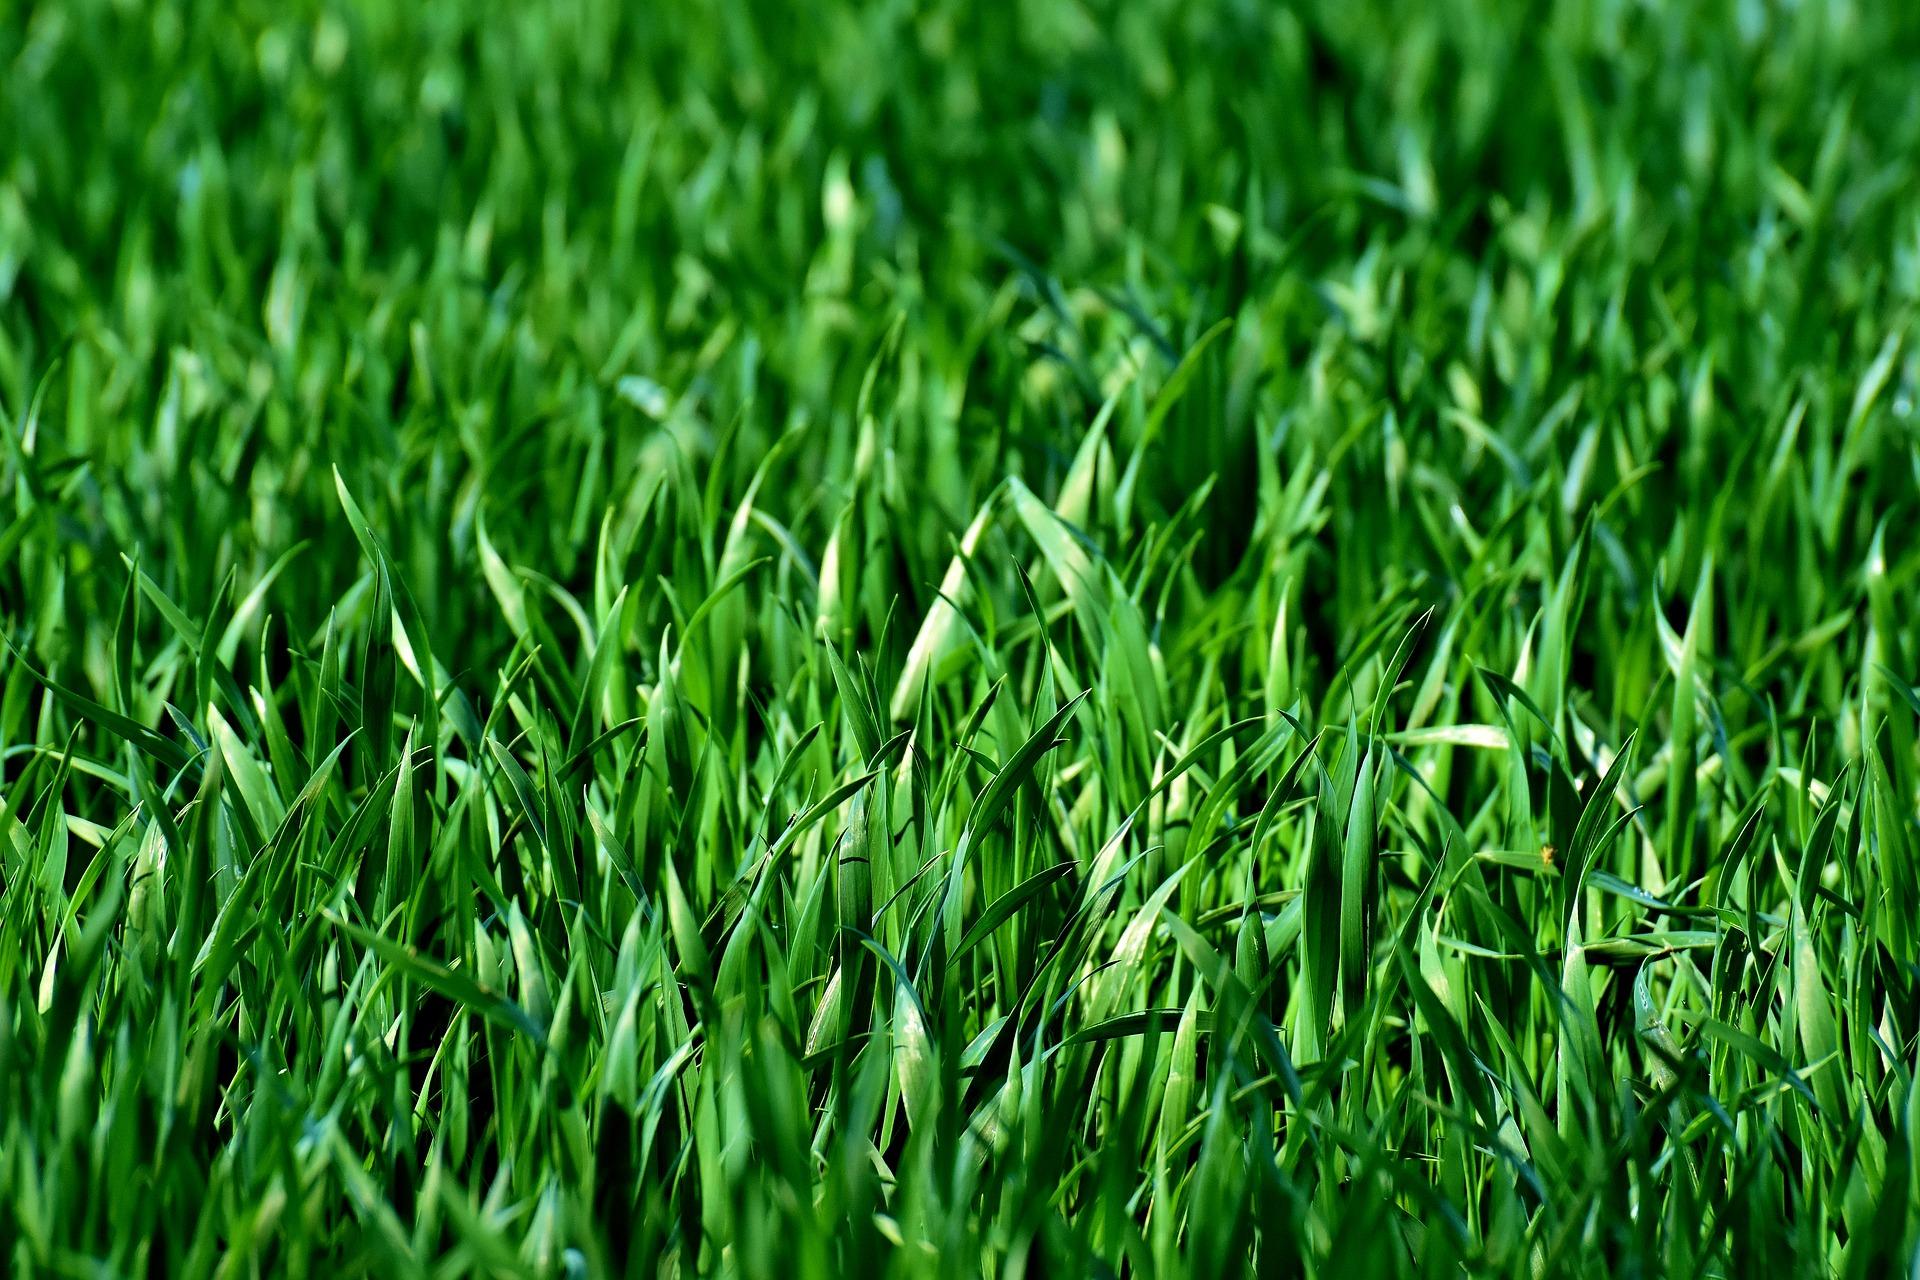 Grass-3375052_1920.jpg